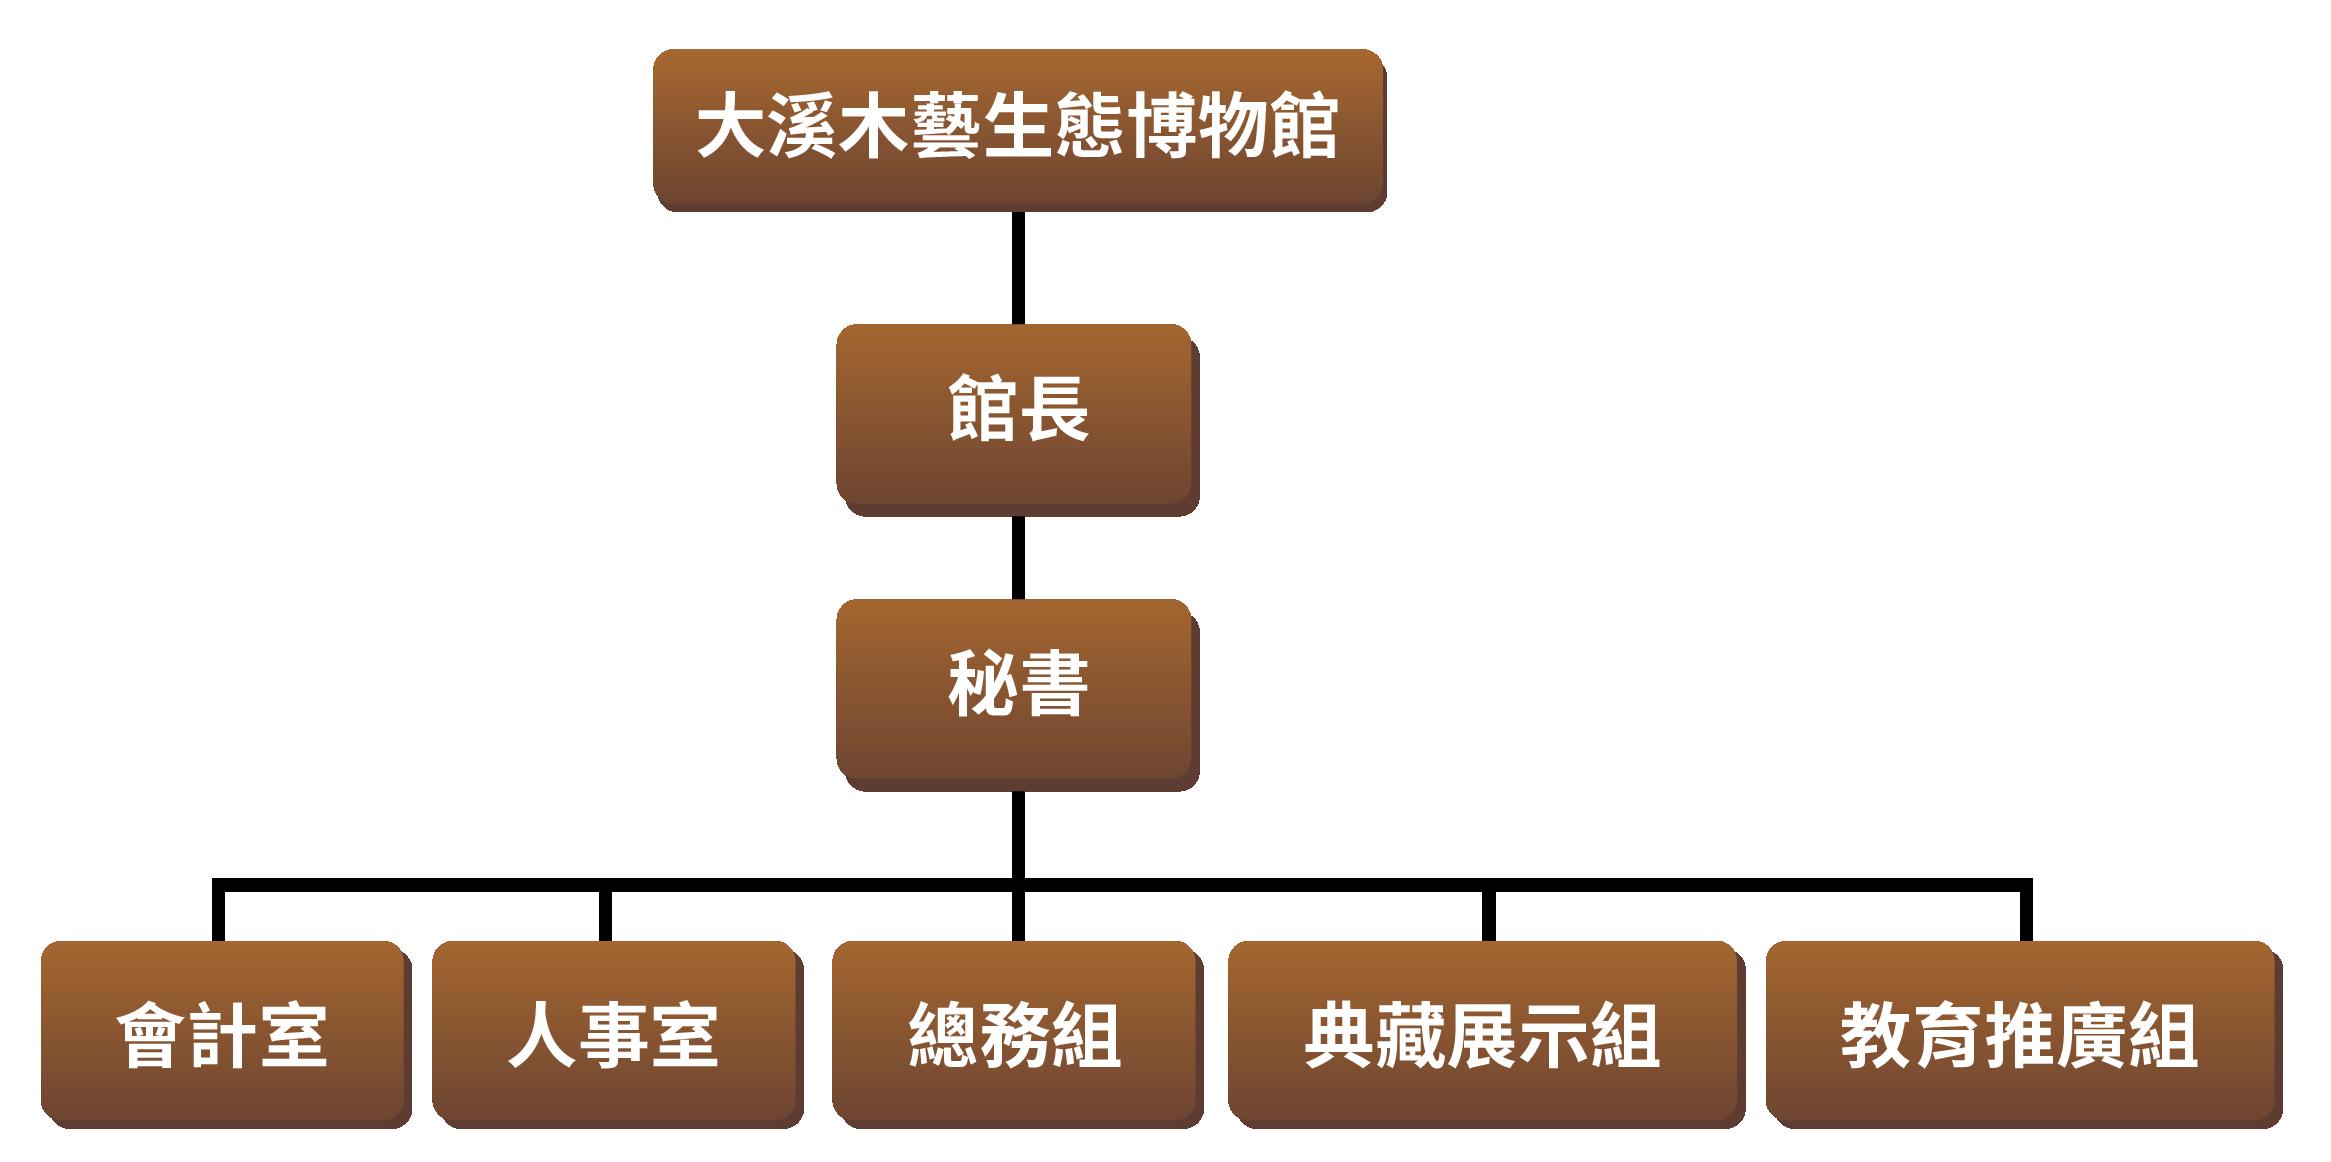 大溪木藝生態博物館組織圖